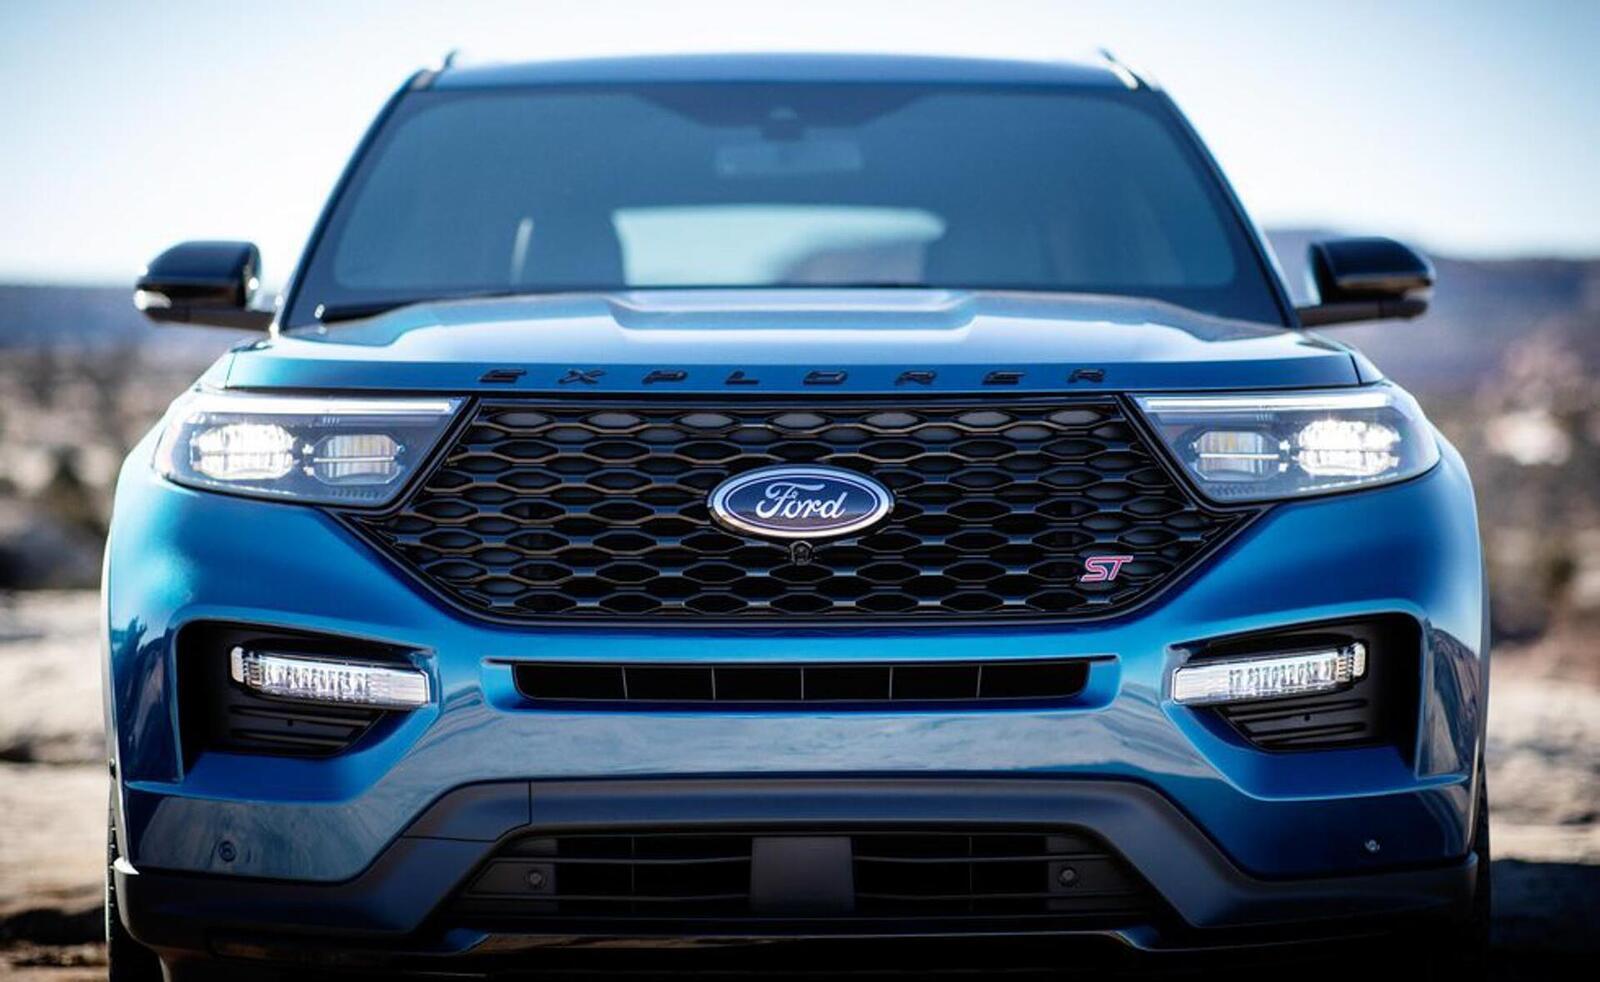 Ford giới thiệu Explorer ST 2020: Phiên bản mạnh nhất lắp máy V6 3.0L tăng áp 400 mã lực - Hình 23